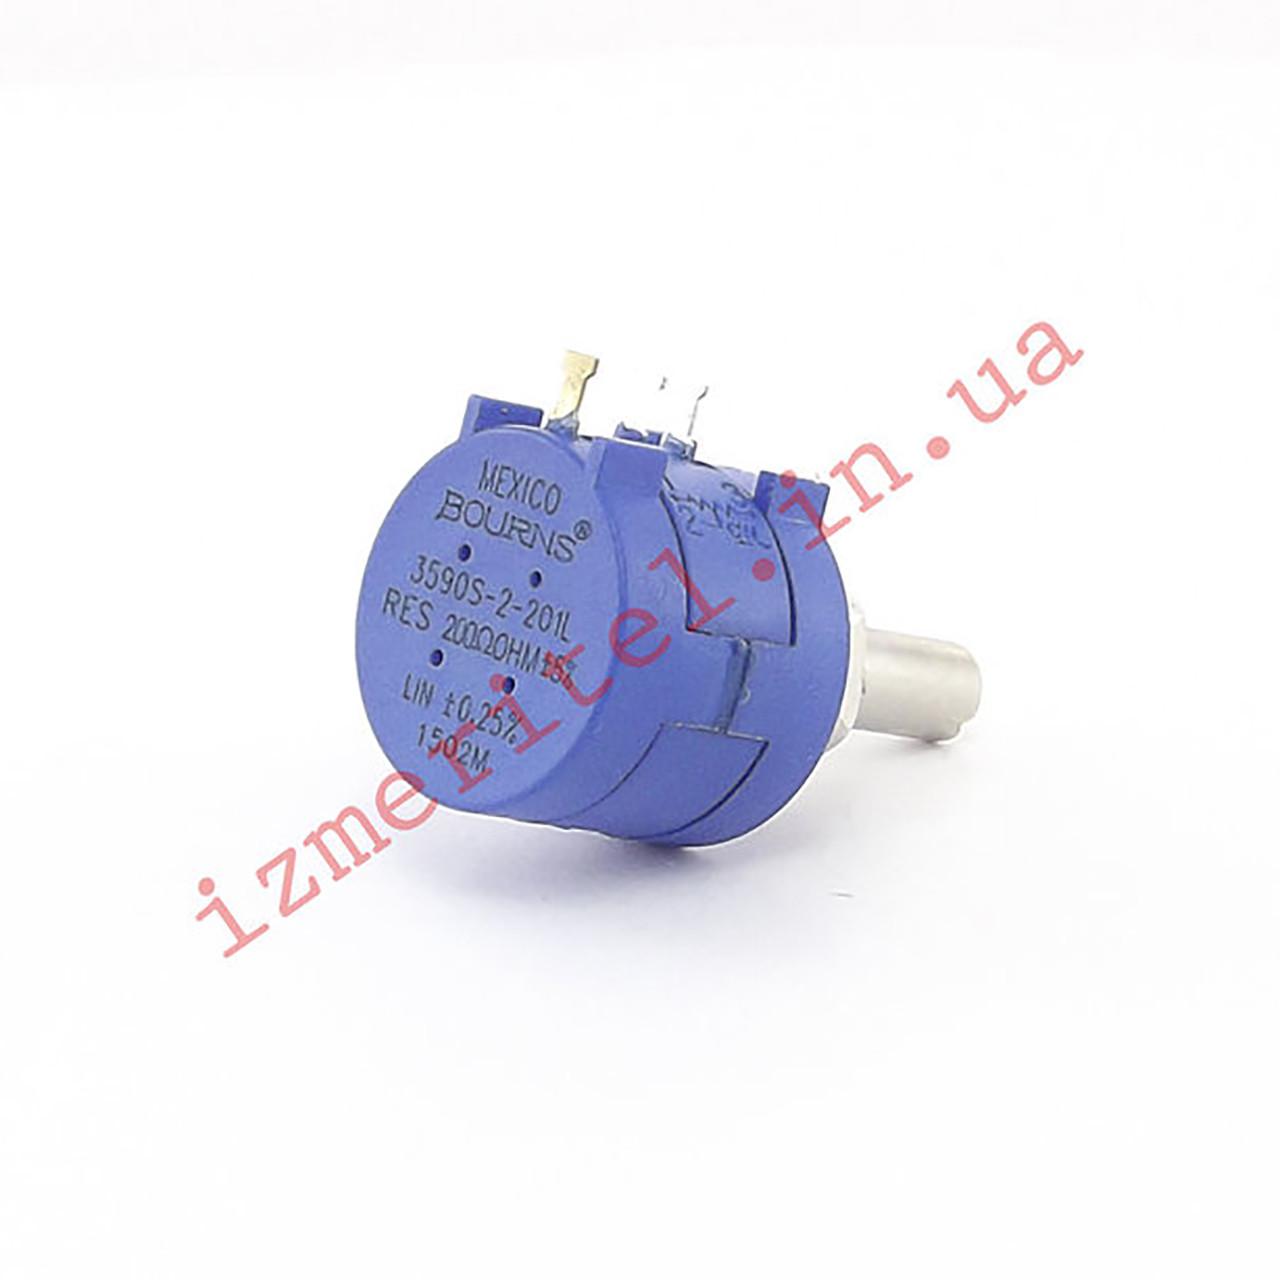 Потенциометр 3590S-2-201L 200 Ом